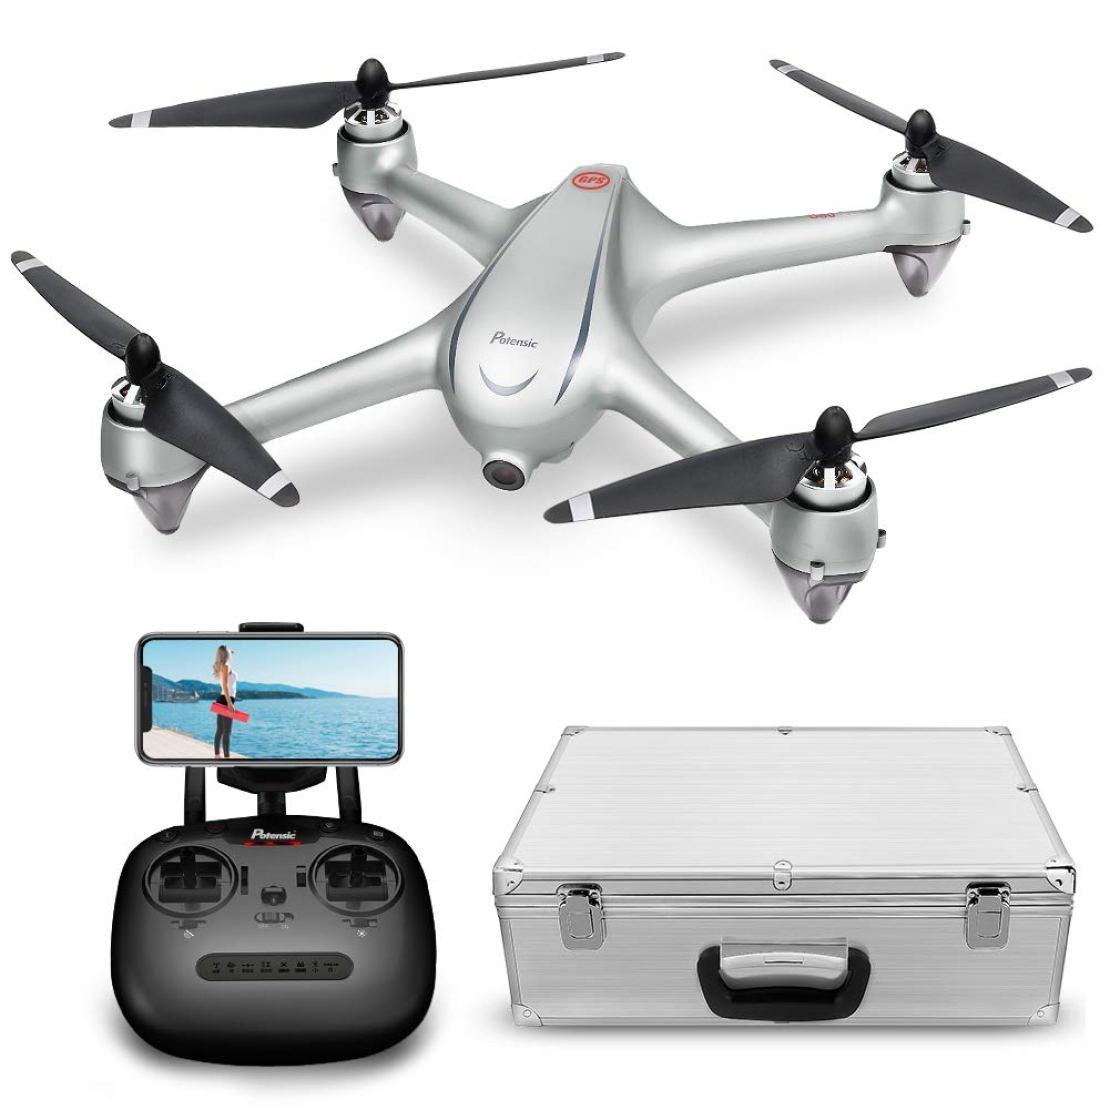 61%2BhStF074L. SL1001  - 10 Best Drones 2019